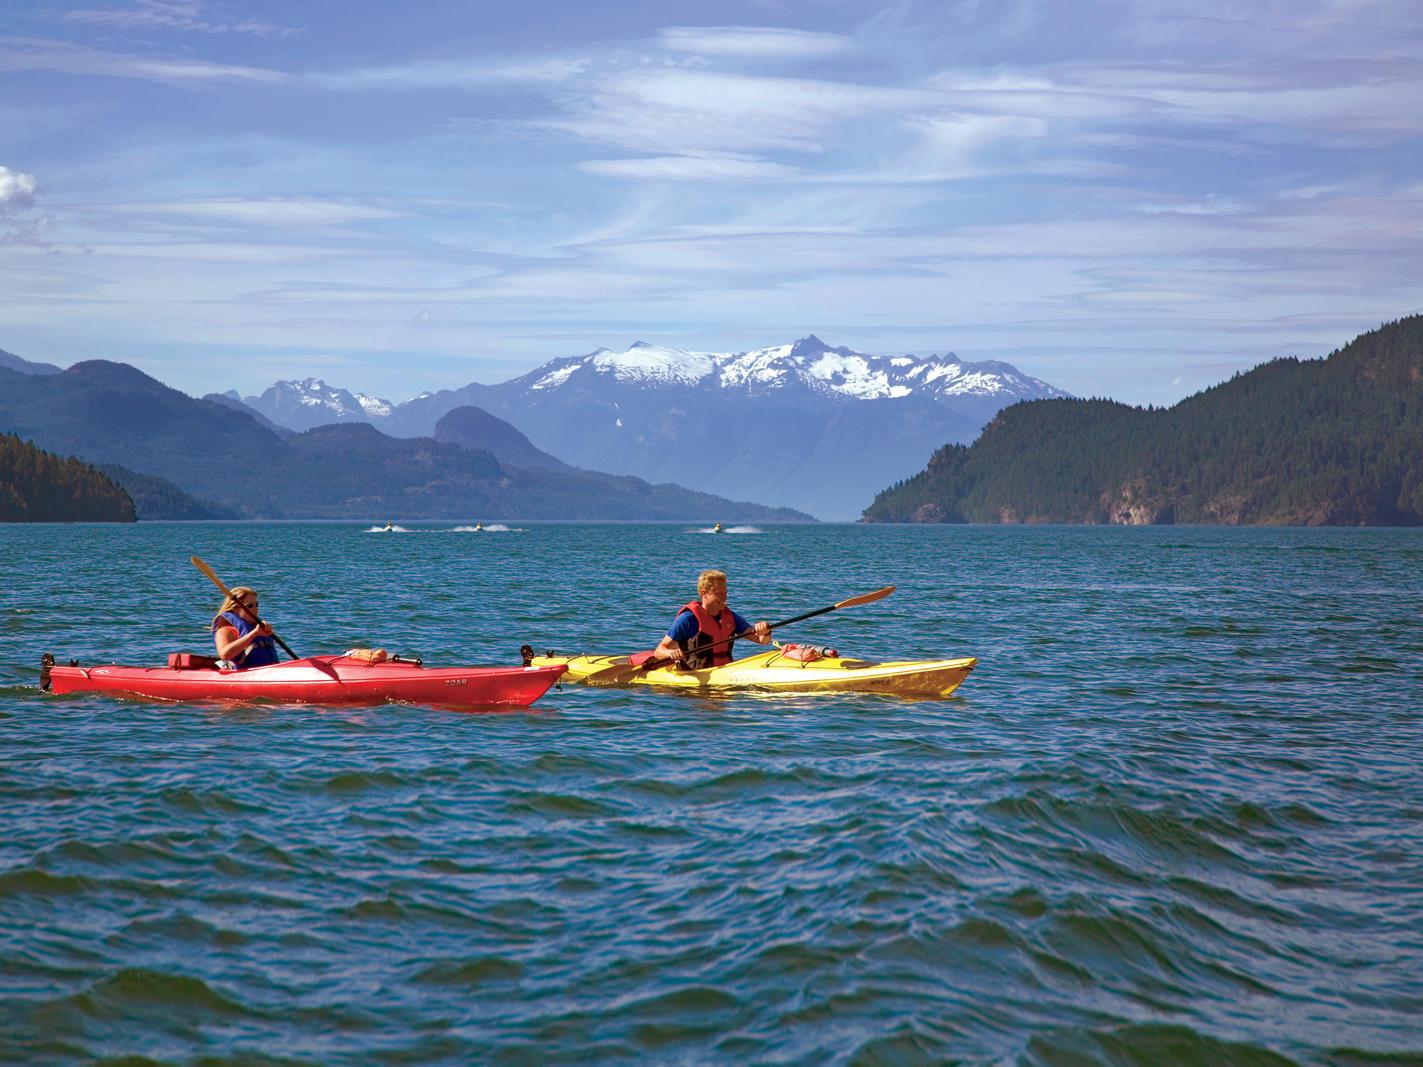 People kayaking in lake with mountain views.